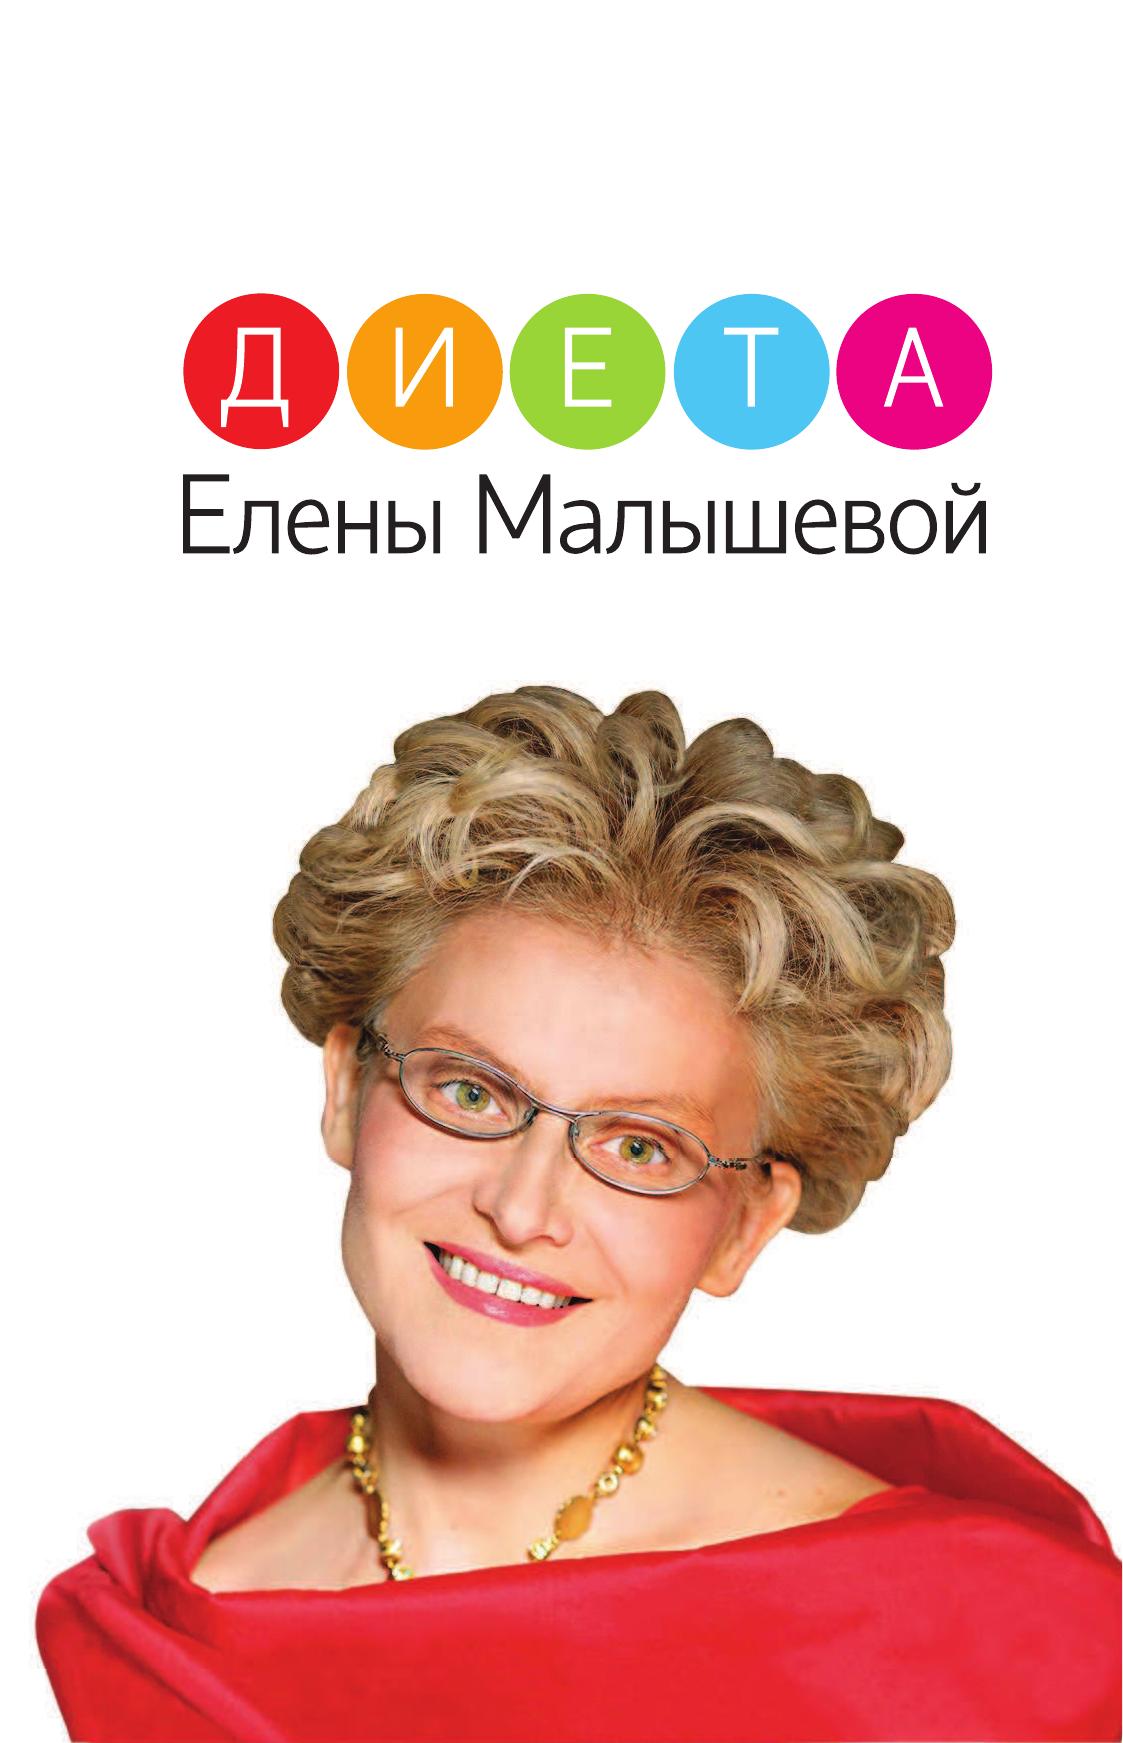 Диета Елена Малышева. Диета Малышевой: меню на каждый день, рецепты